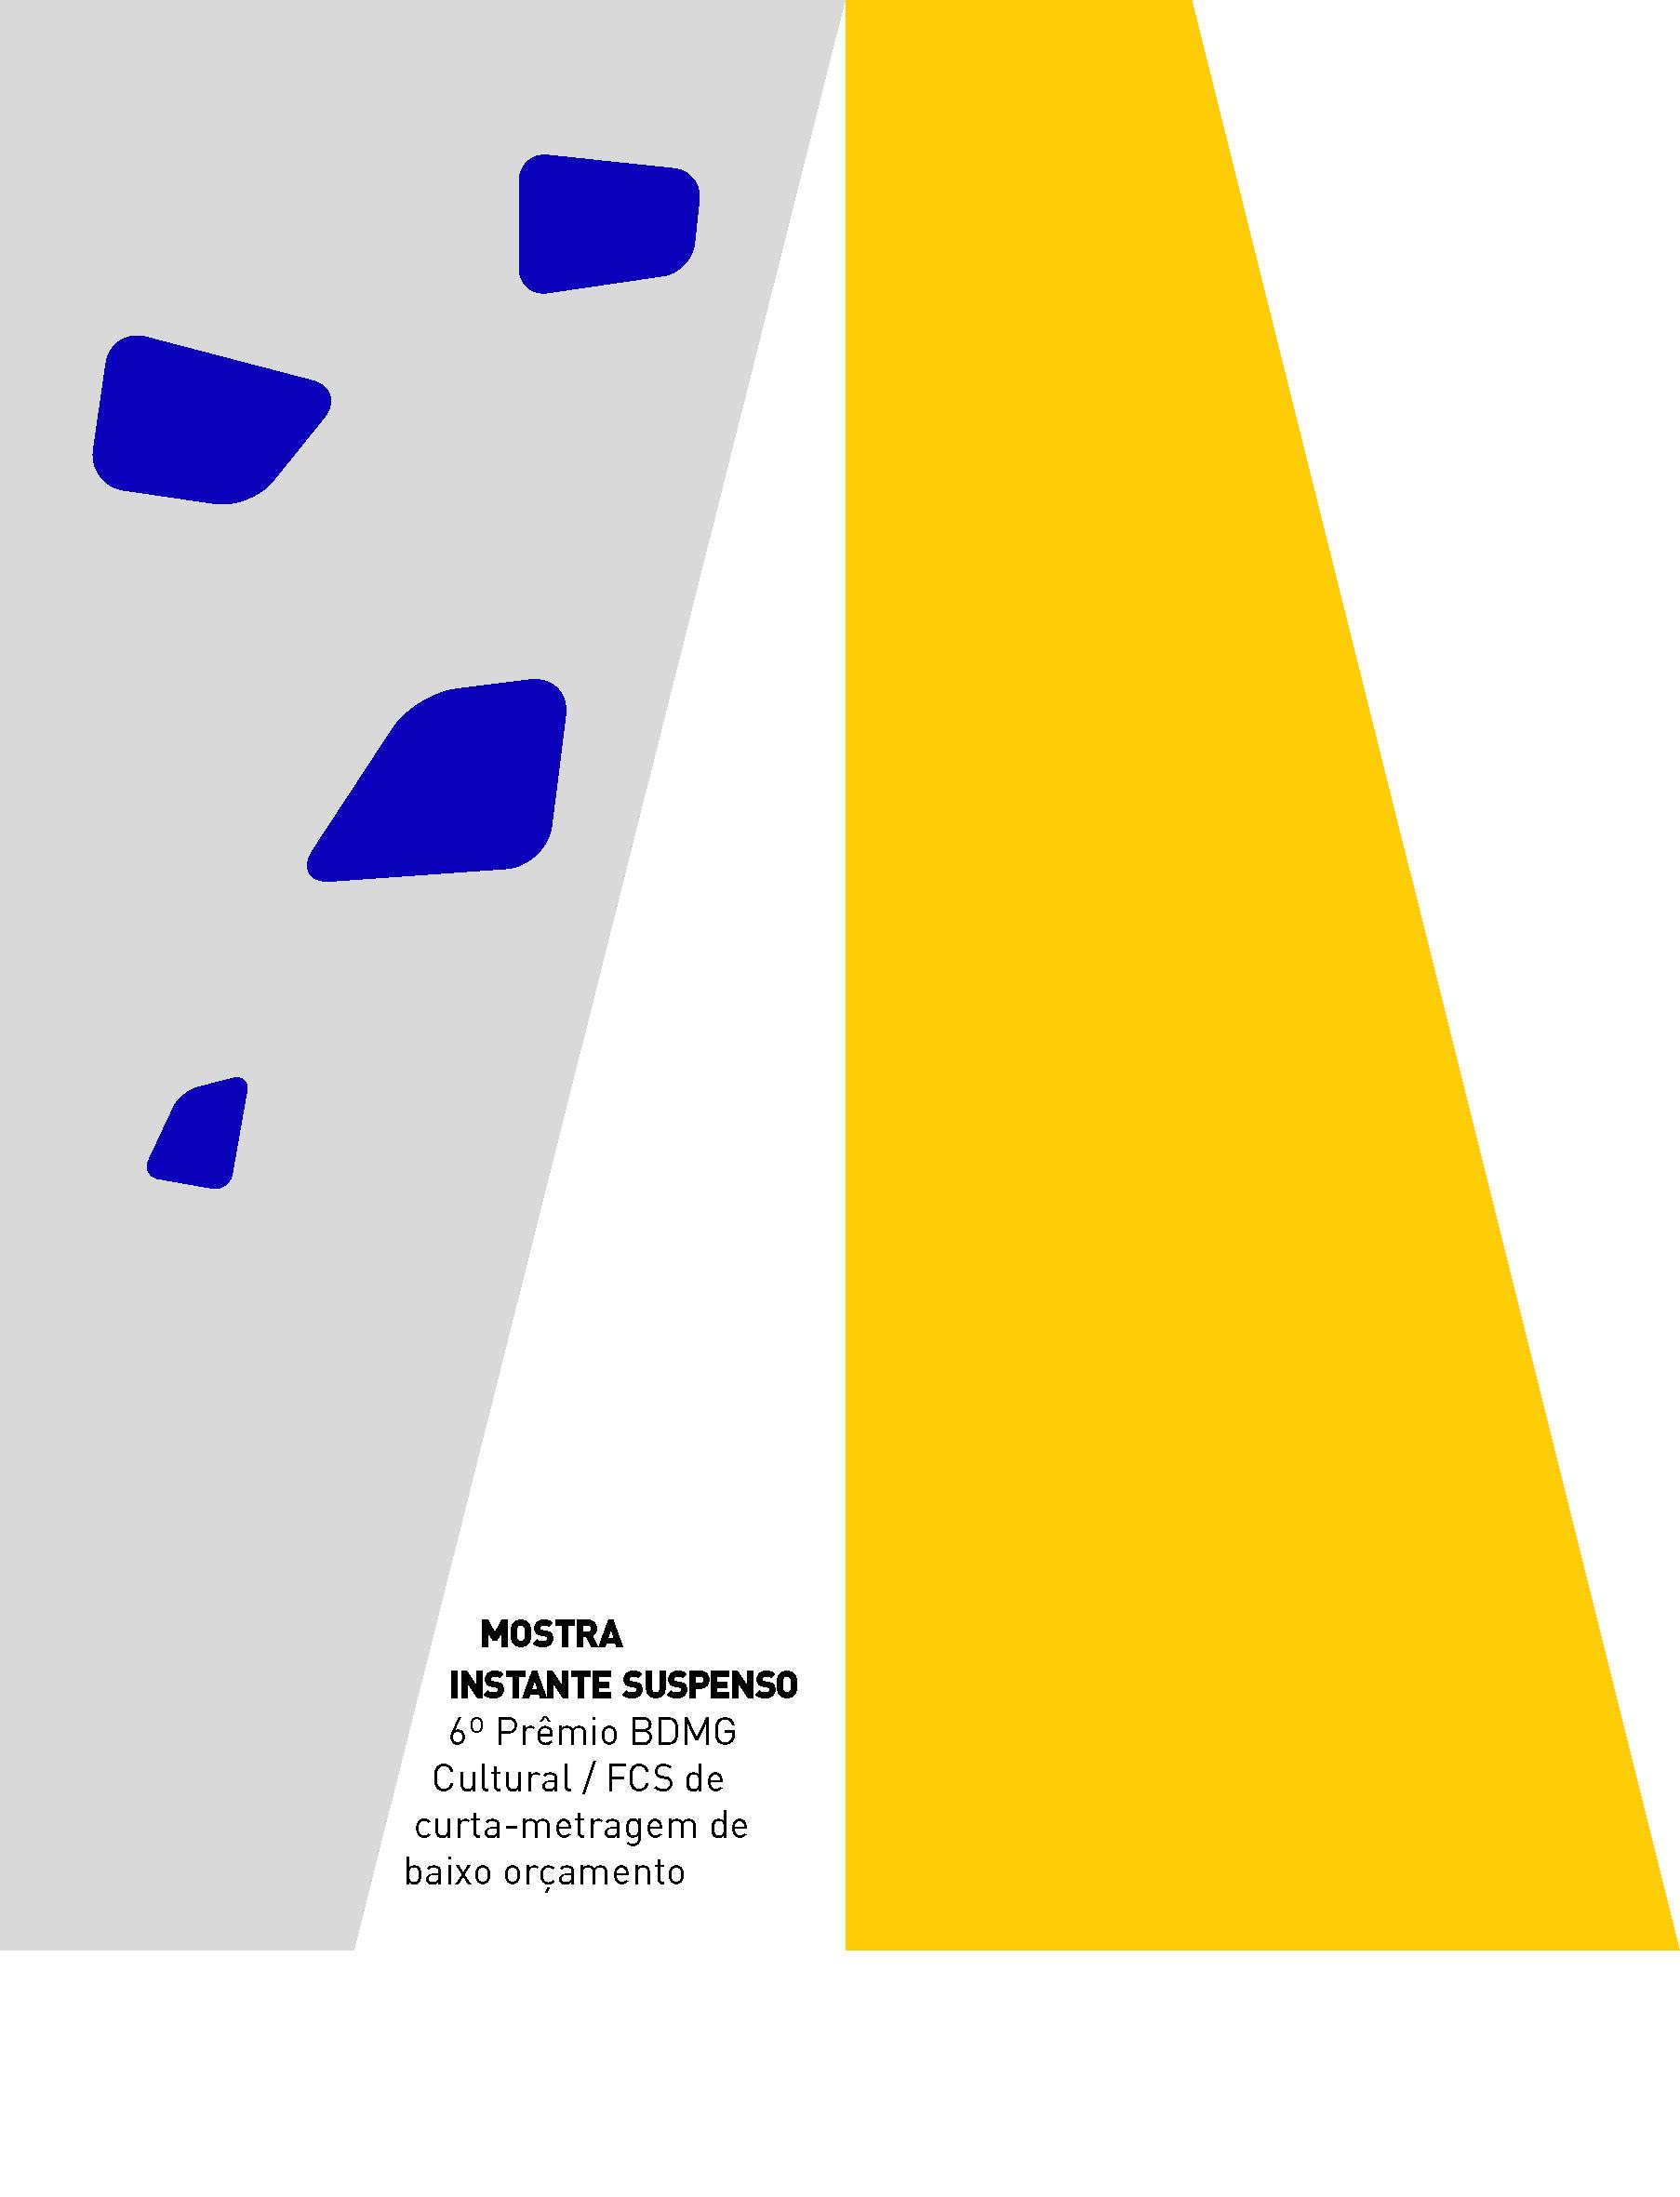 Evento: Mostra Instante Suspenso | 6º Prêmio BDMG Cultural / FCS de curta-metragem de baixo orçamento